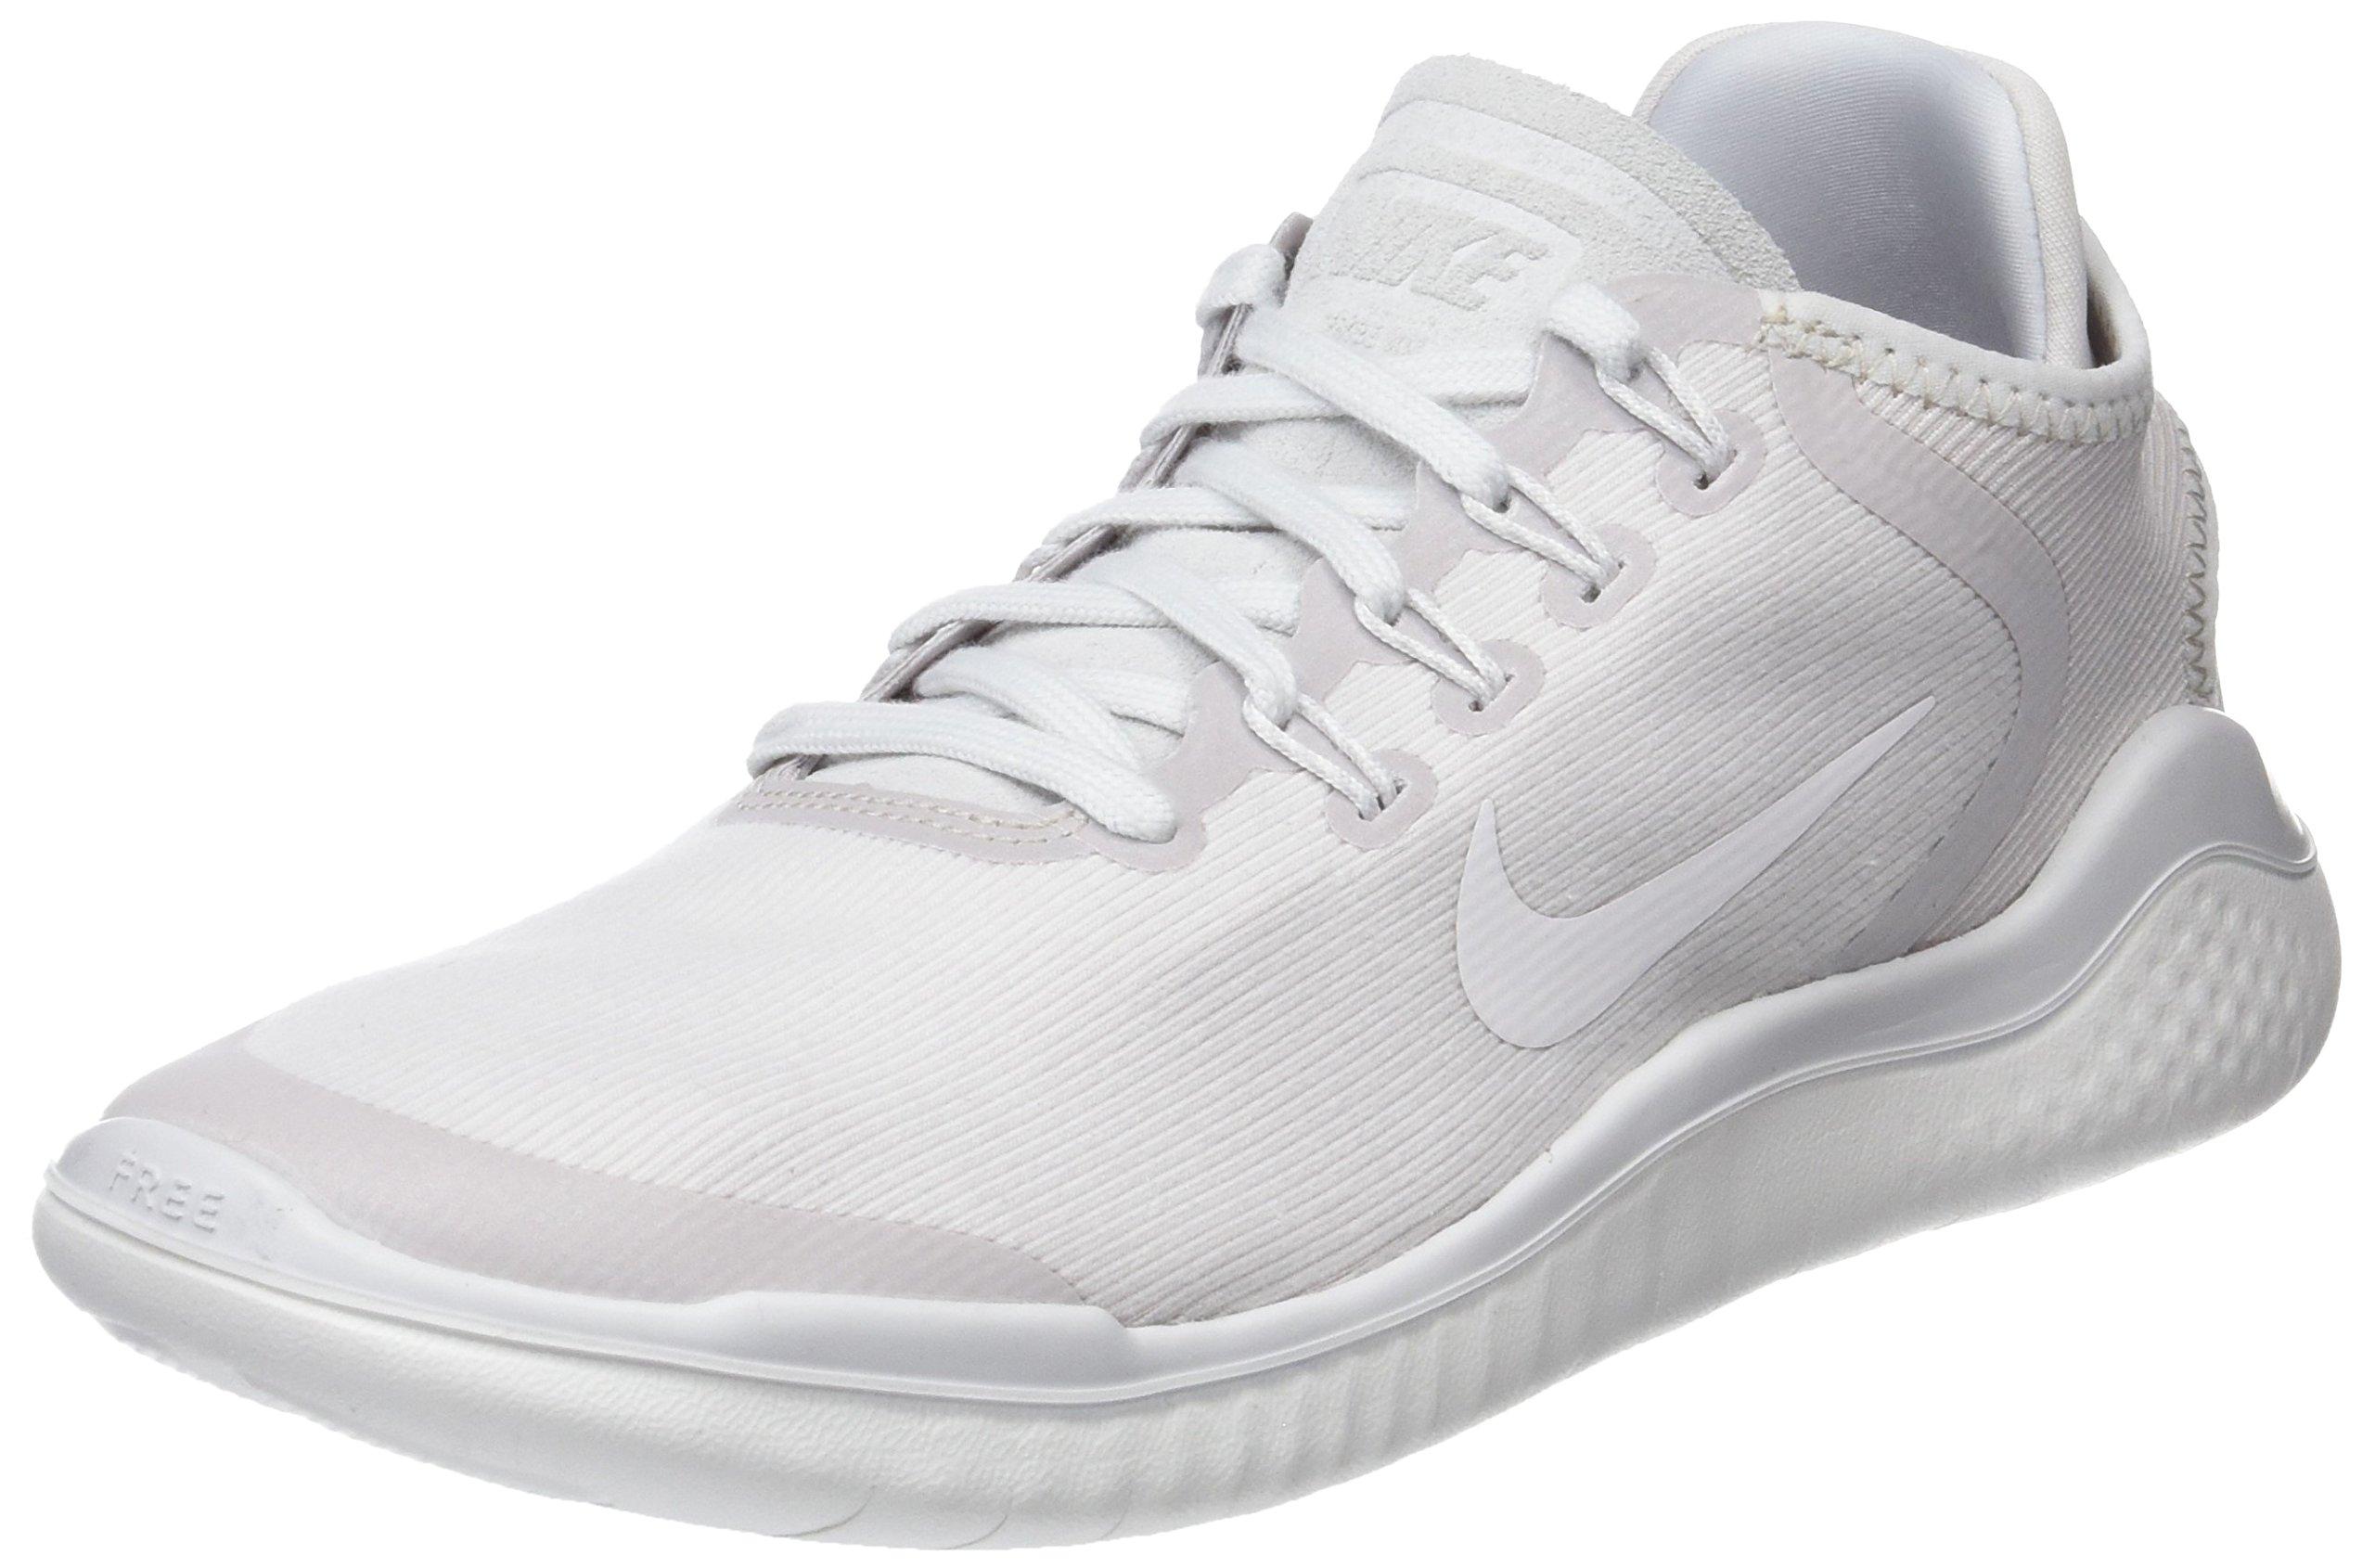 6a8d91f6e96e1 Galleon - Nike Women s Free Rn 2018 Running Shoe